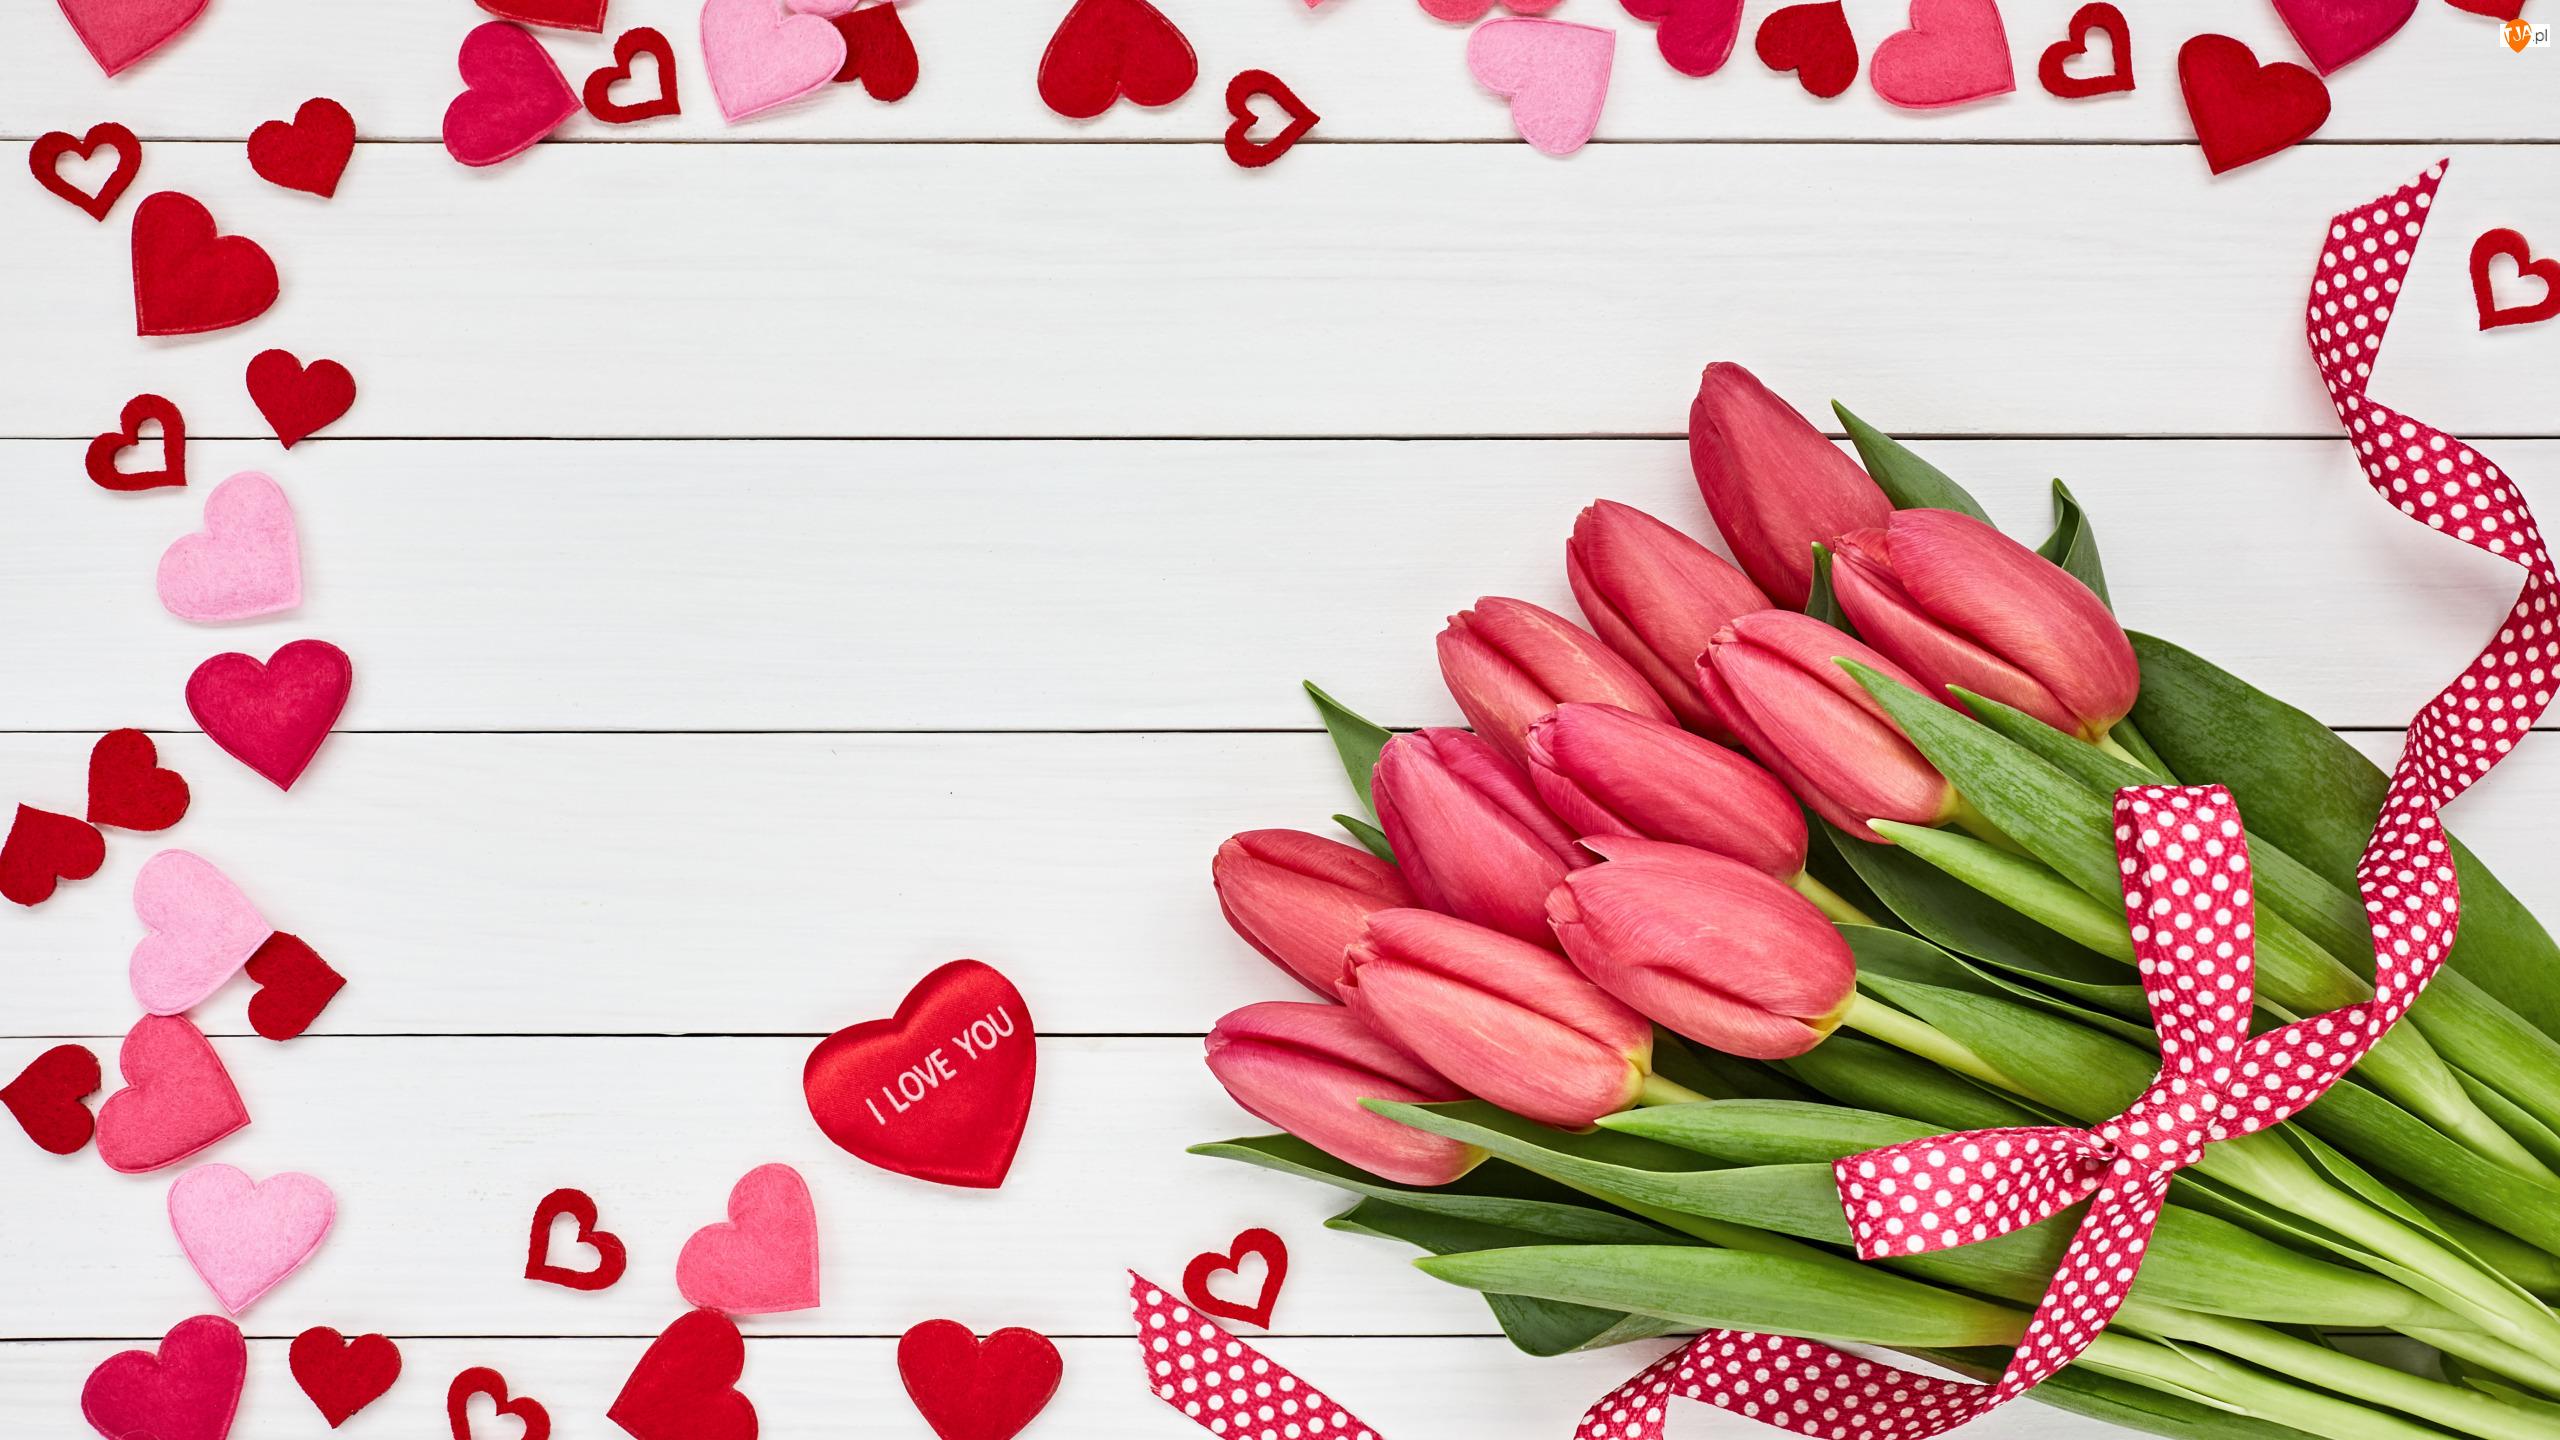 Serduszka, Walentynki, Miłość, Tulipany